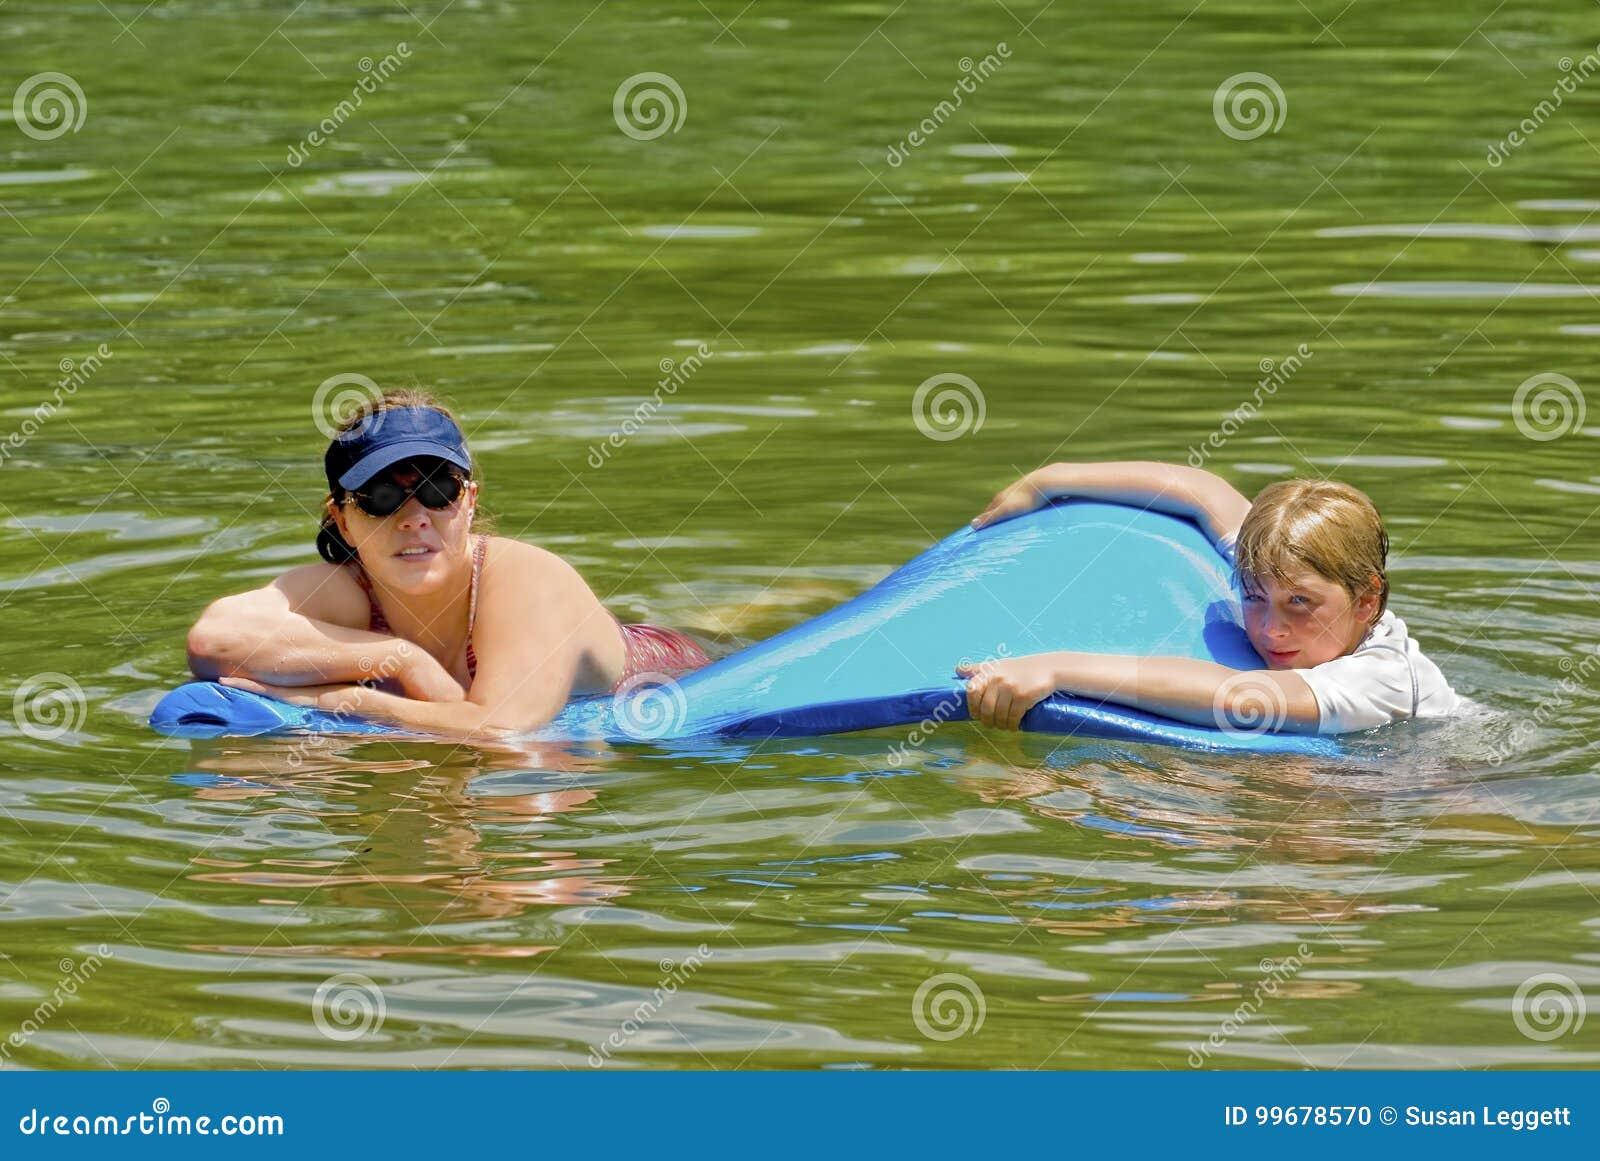 Frau, die in Wasser schwimmt